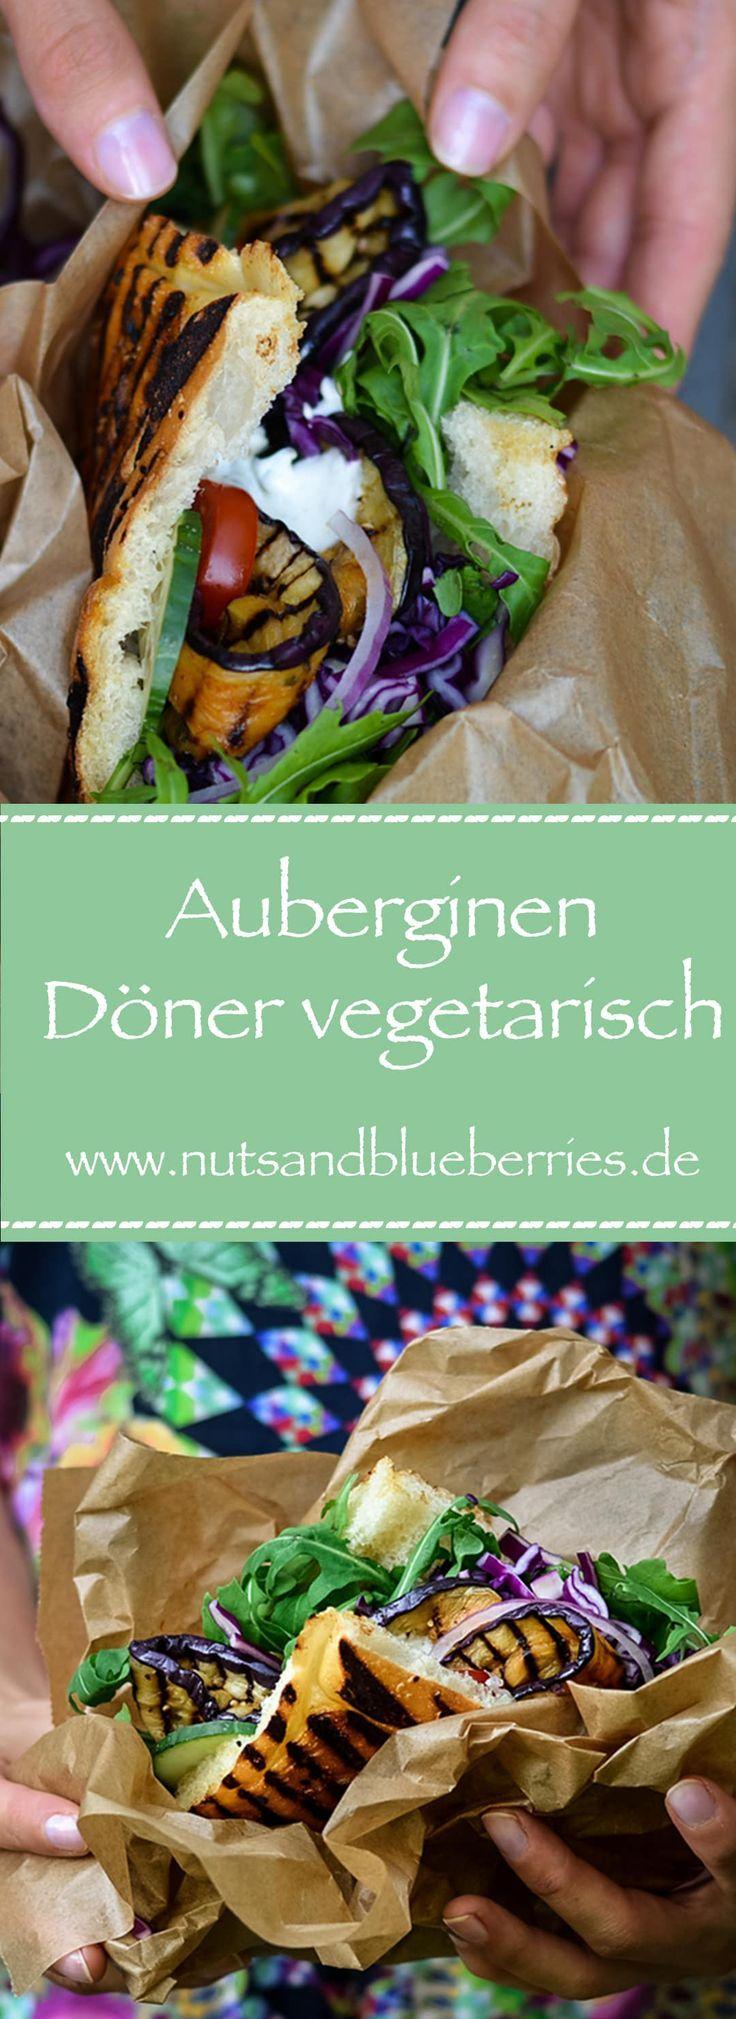 Auberginen Gyros Döner oder Pita - ein vegetarisches Rezept, was sich auch herv...,  Auberginen Gyros Döner oder Pita - ein vegetarisches Rezept, was sich auch herv...,